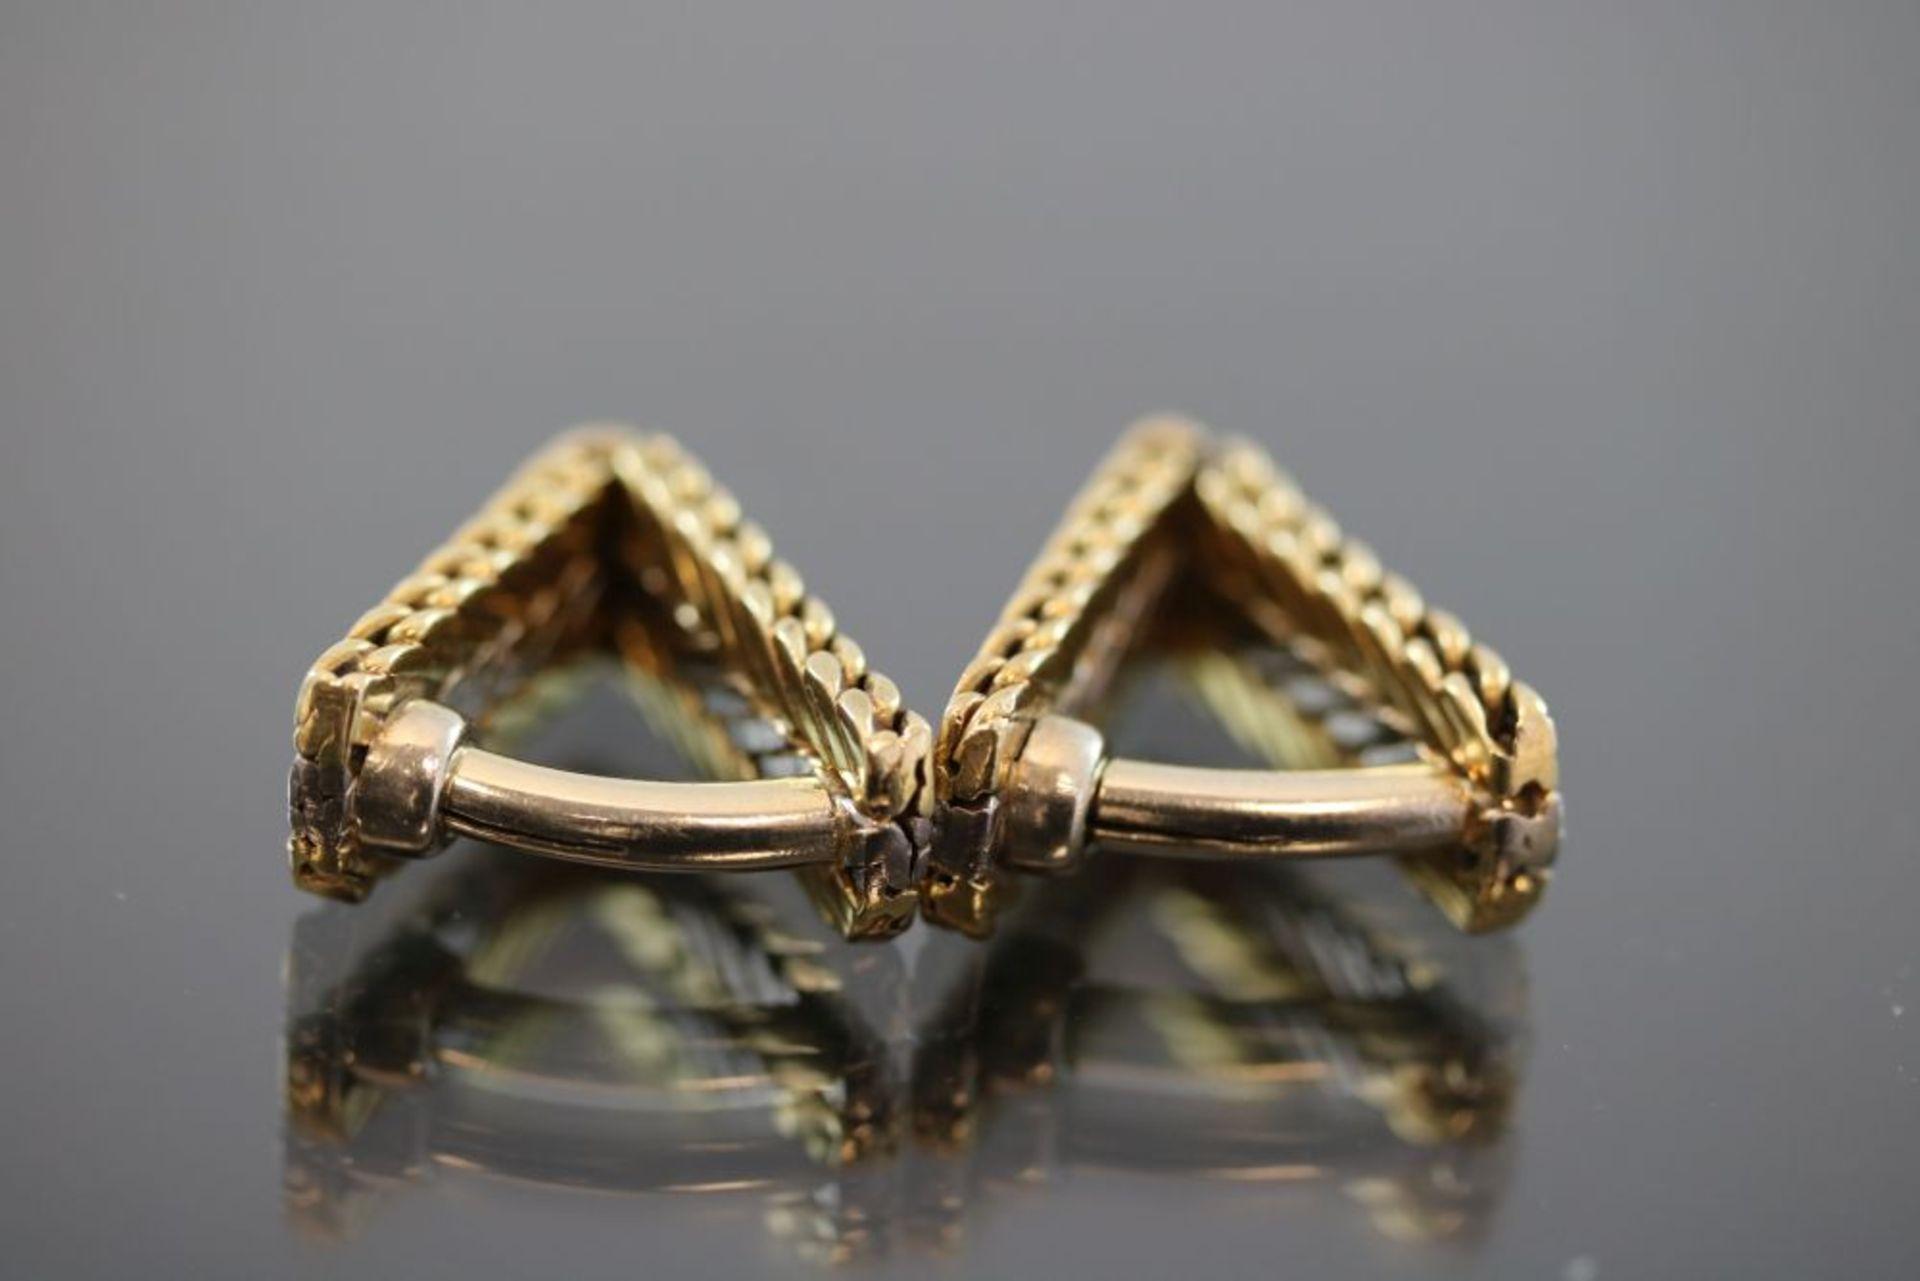 Manschettenknöpfe, 585 Gold - Bild 2 aus 3